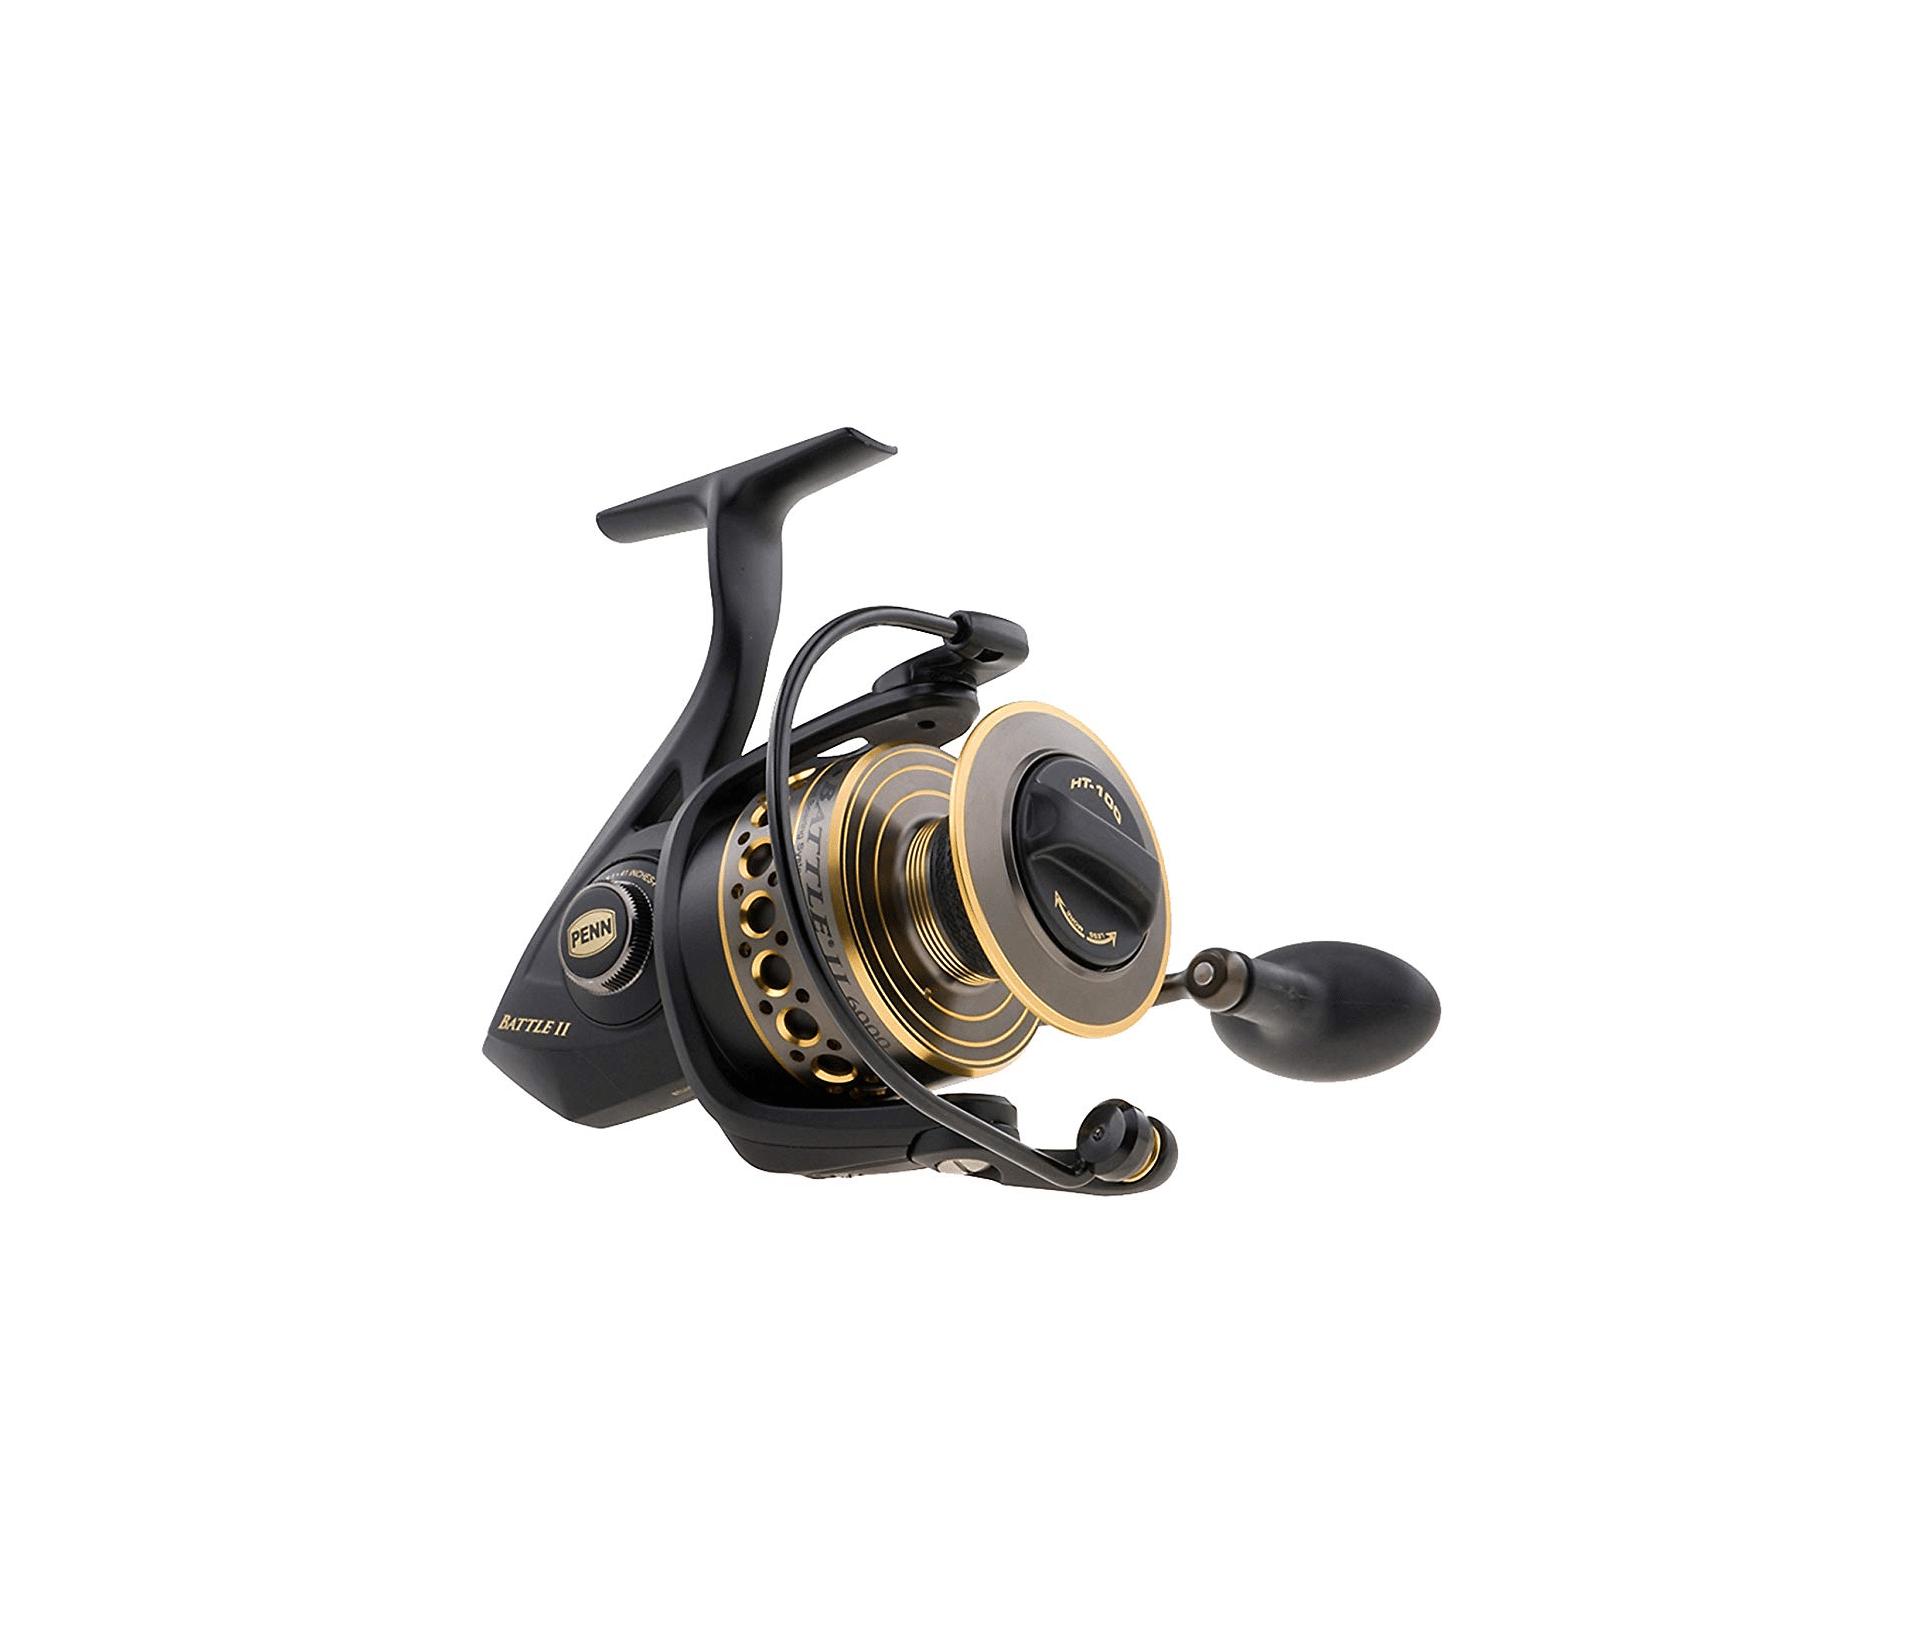 Penn-Battle-II-Spinning-Fishing-Reel-1